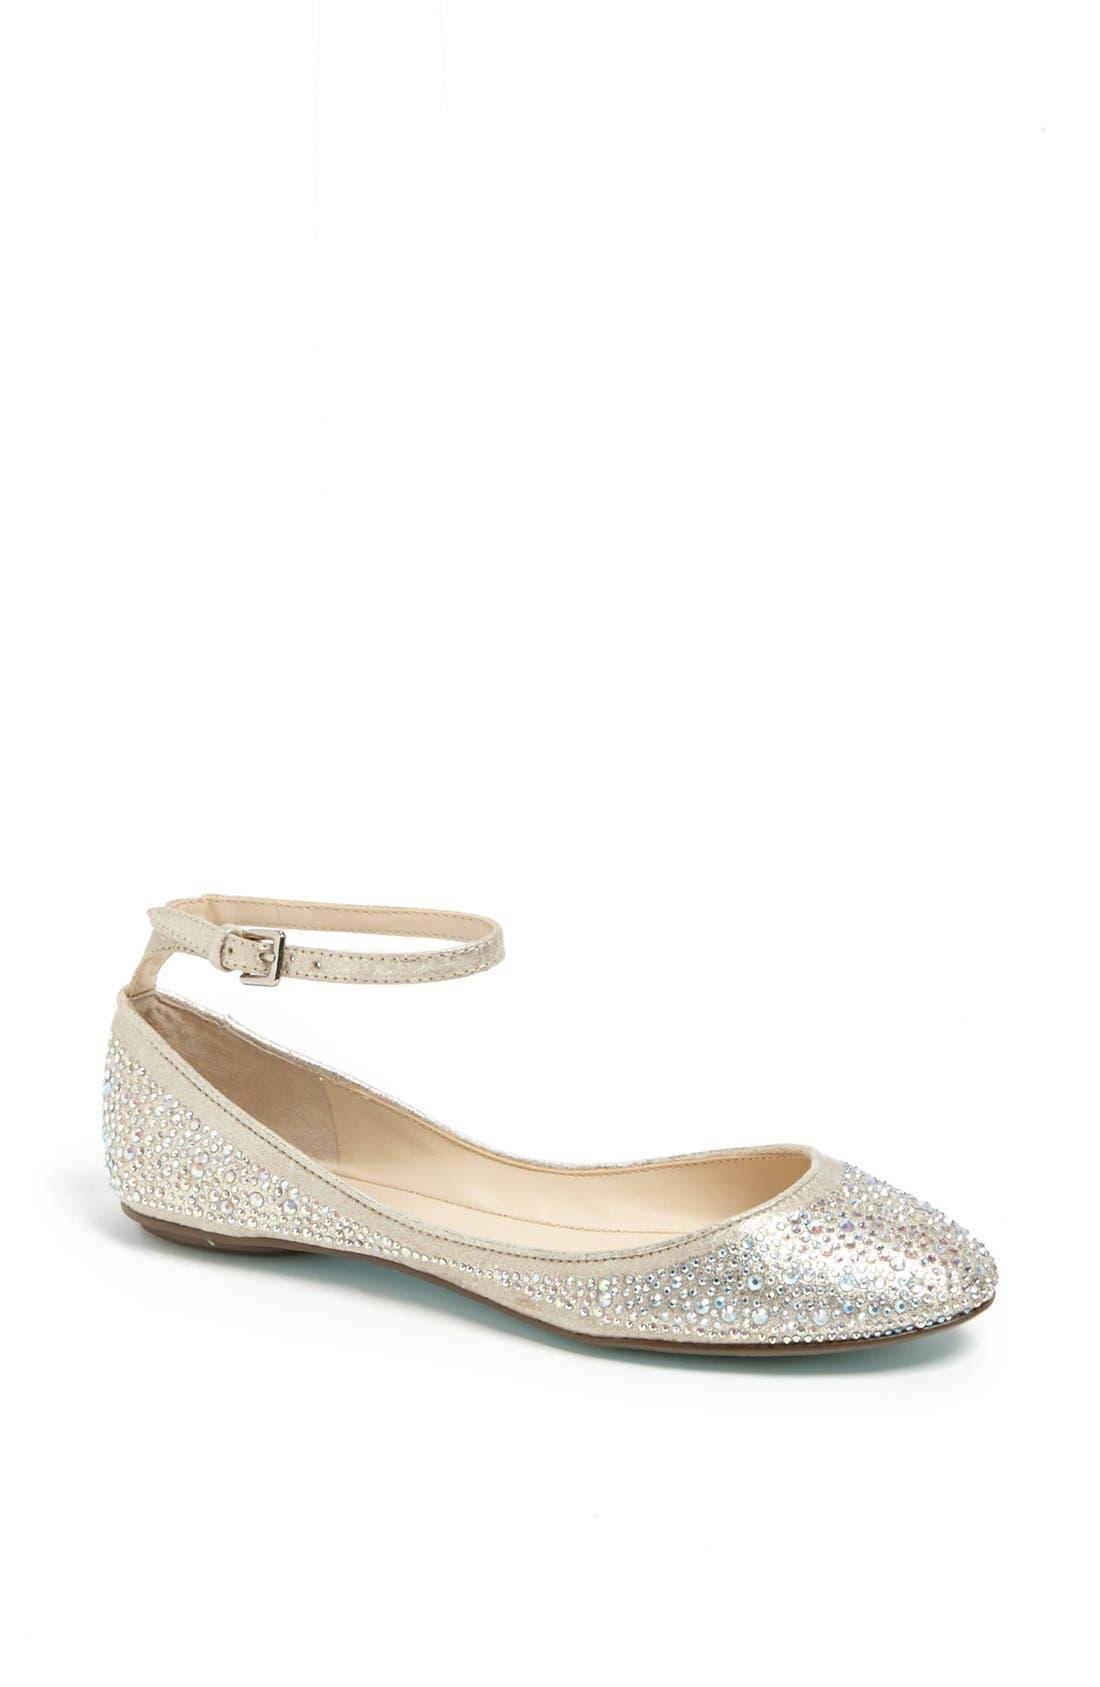 Main Image - Betsey Johnson 'Joy' Ankle Strap Crystal Embellished Flat